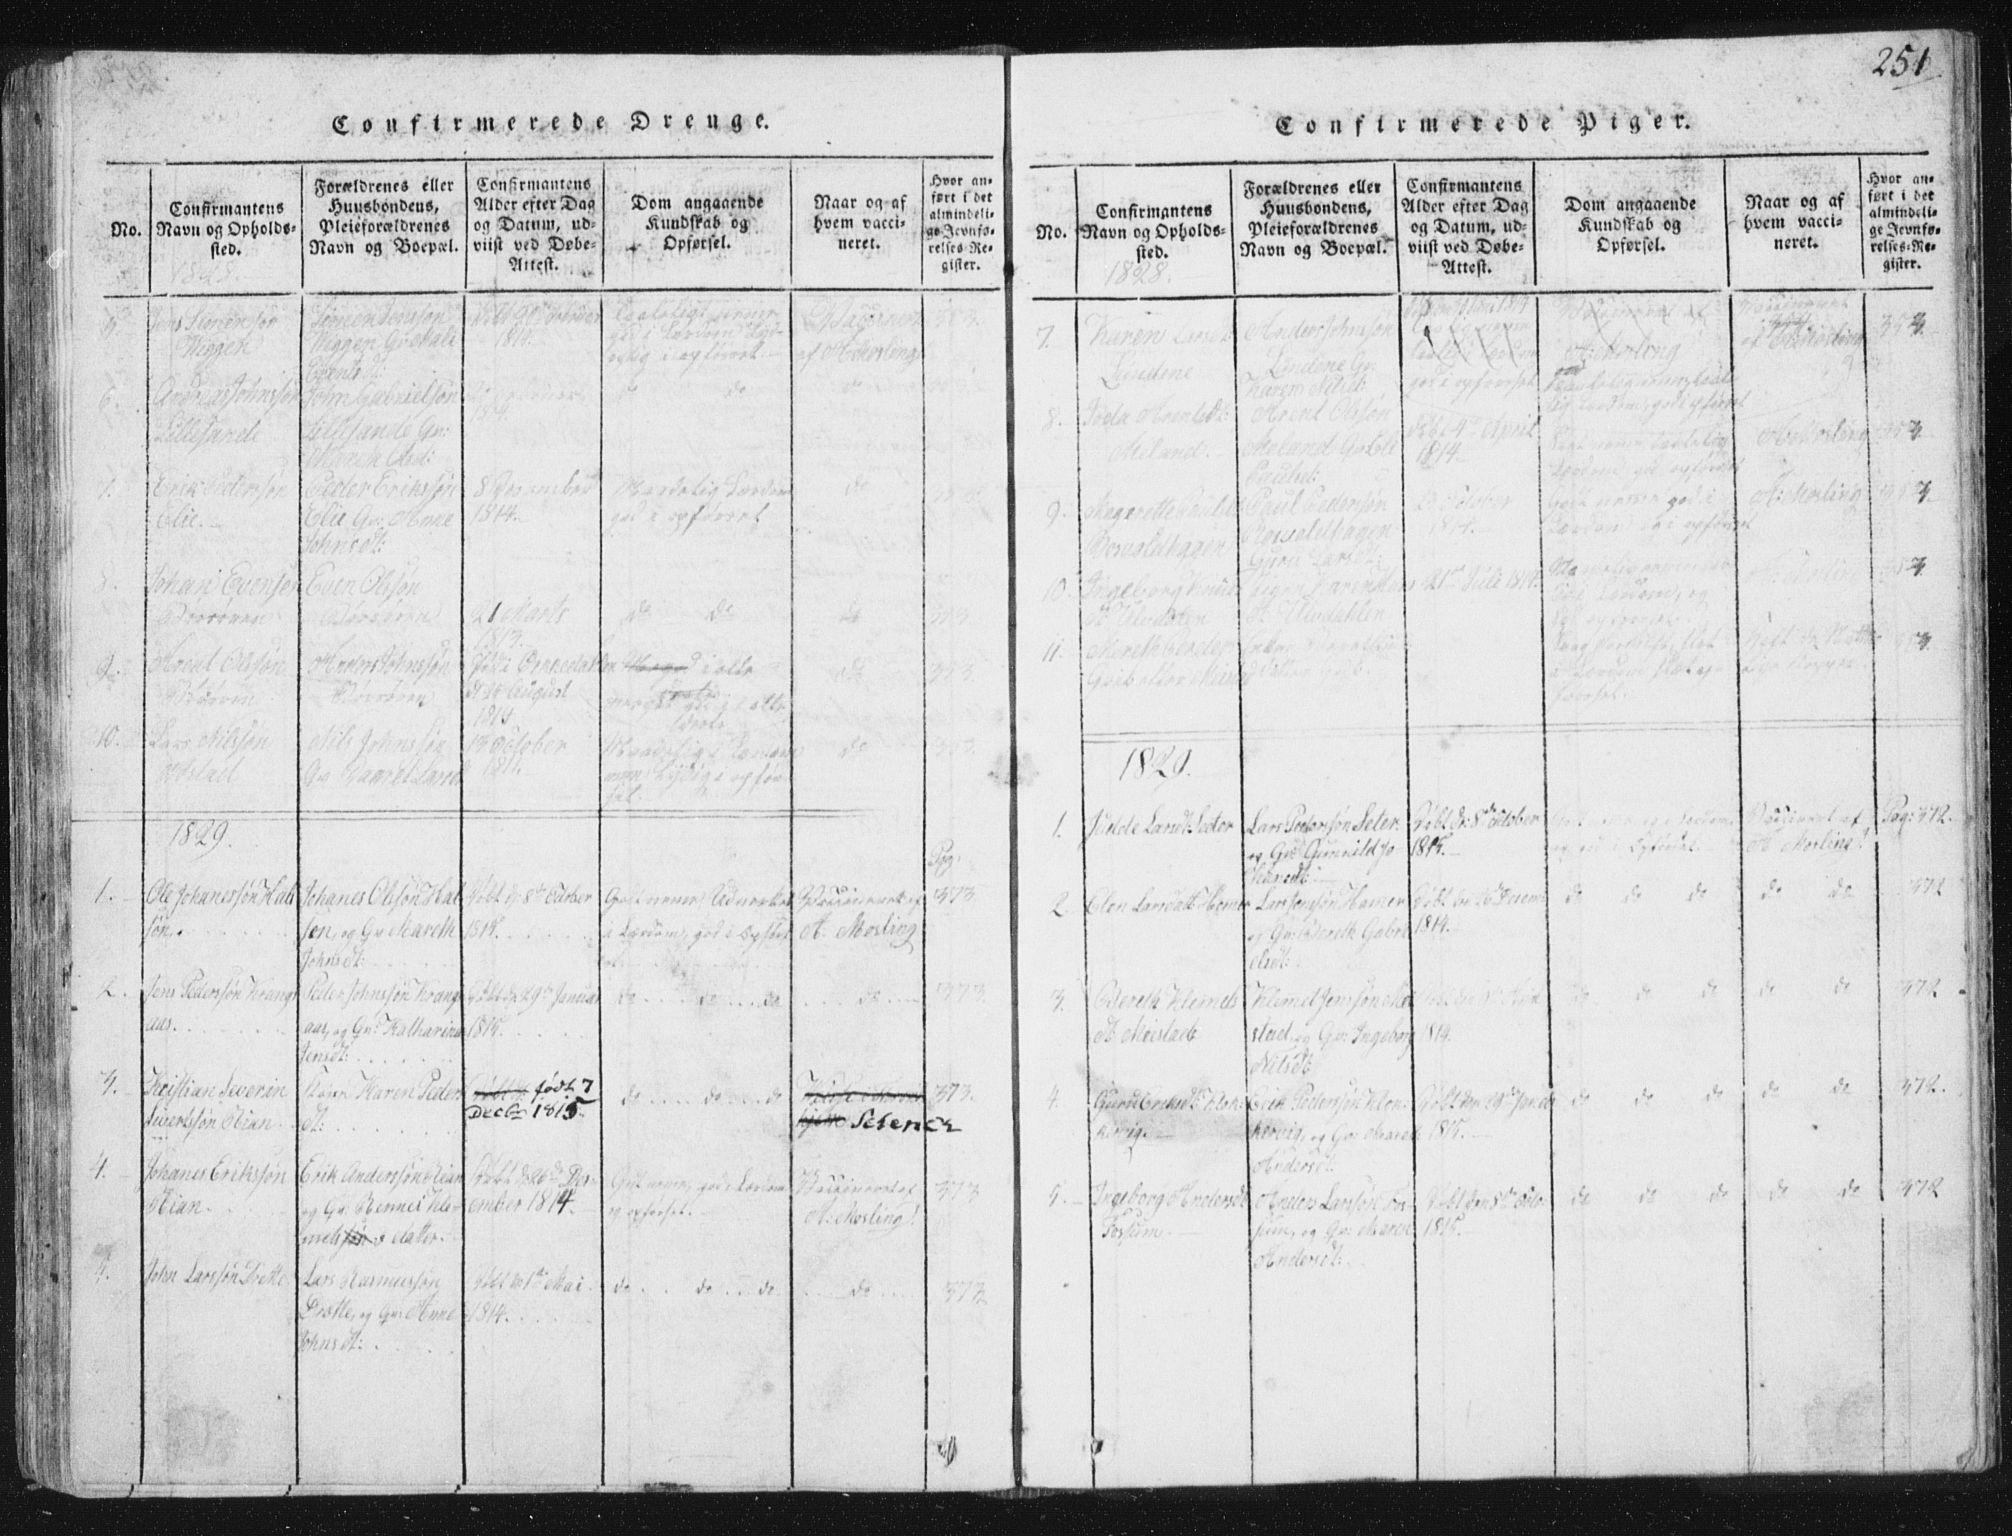 SAT, Ministerialprotokoller, klokkerbøker og fødselsregistre - Sør-Trøndelag, 665/L0770: Ministerialbok nr. 665A05, 1817-1829, s. 251